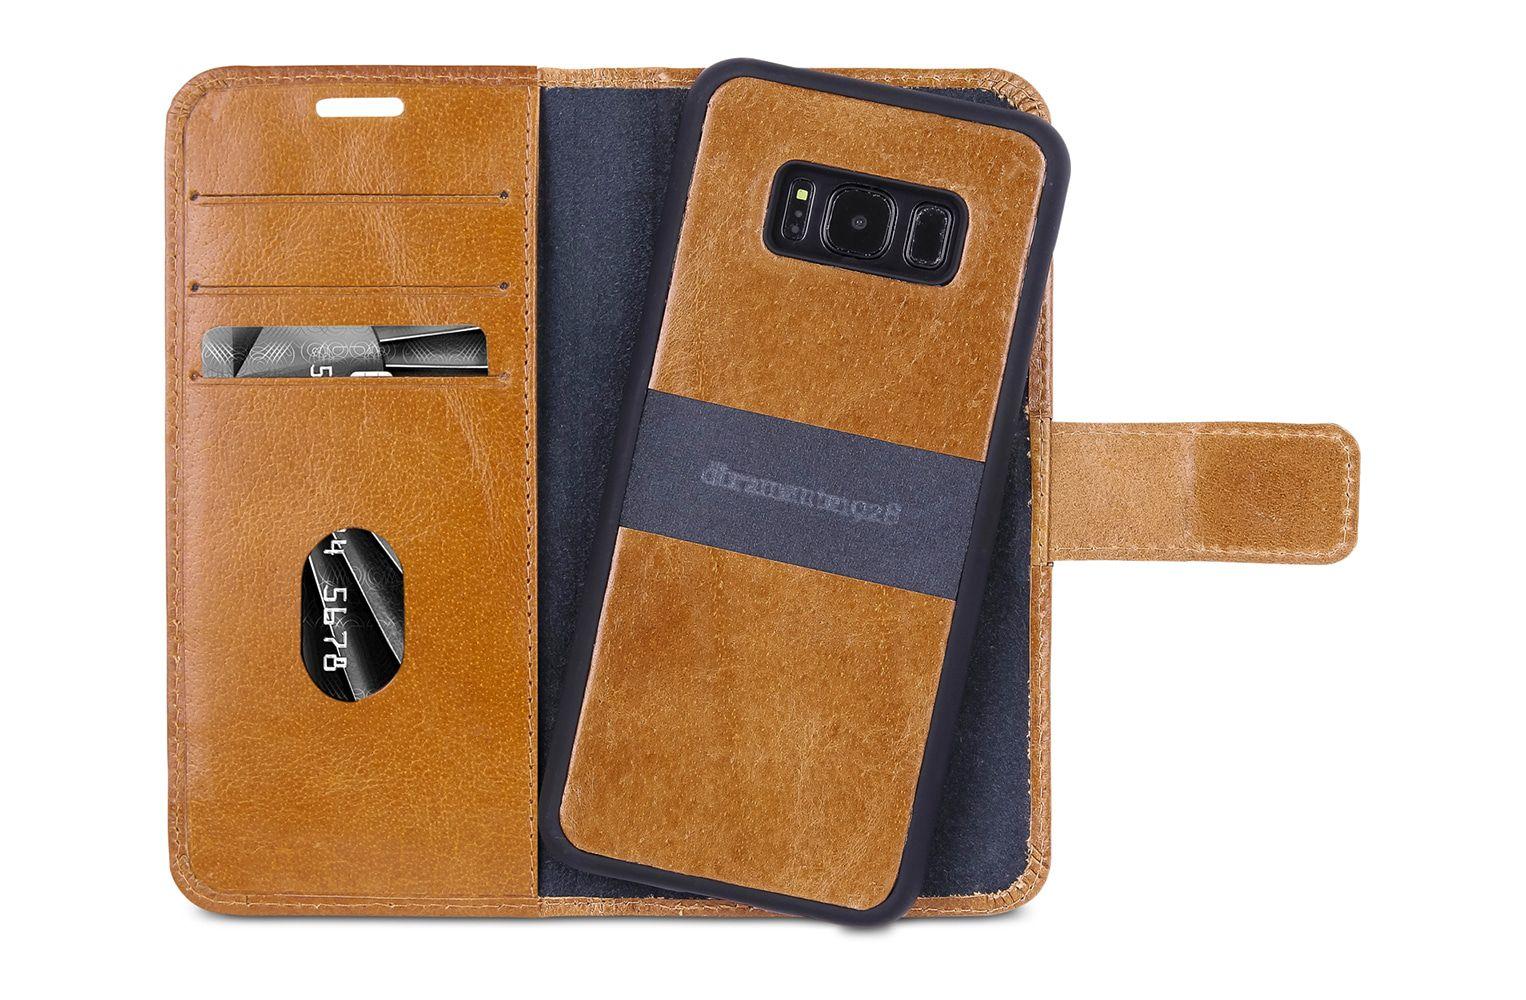 dbramante1928 Lynge 2 Leather Wallet Samsung S8+ Hoesje Tan